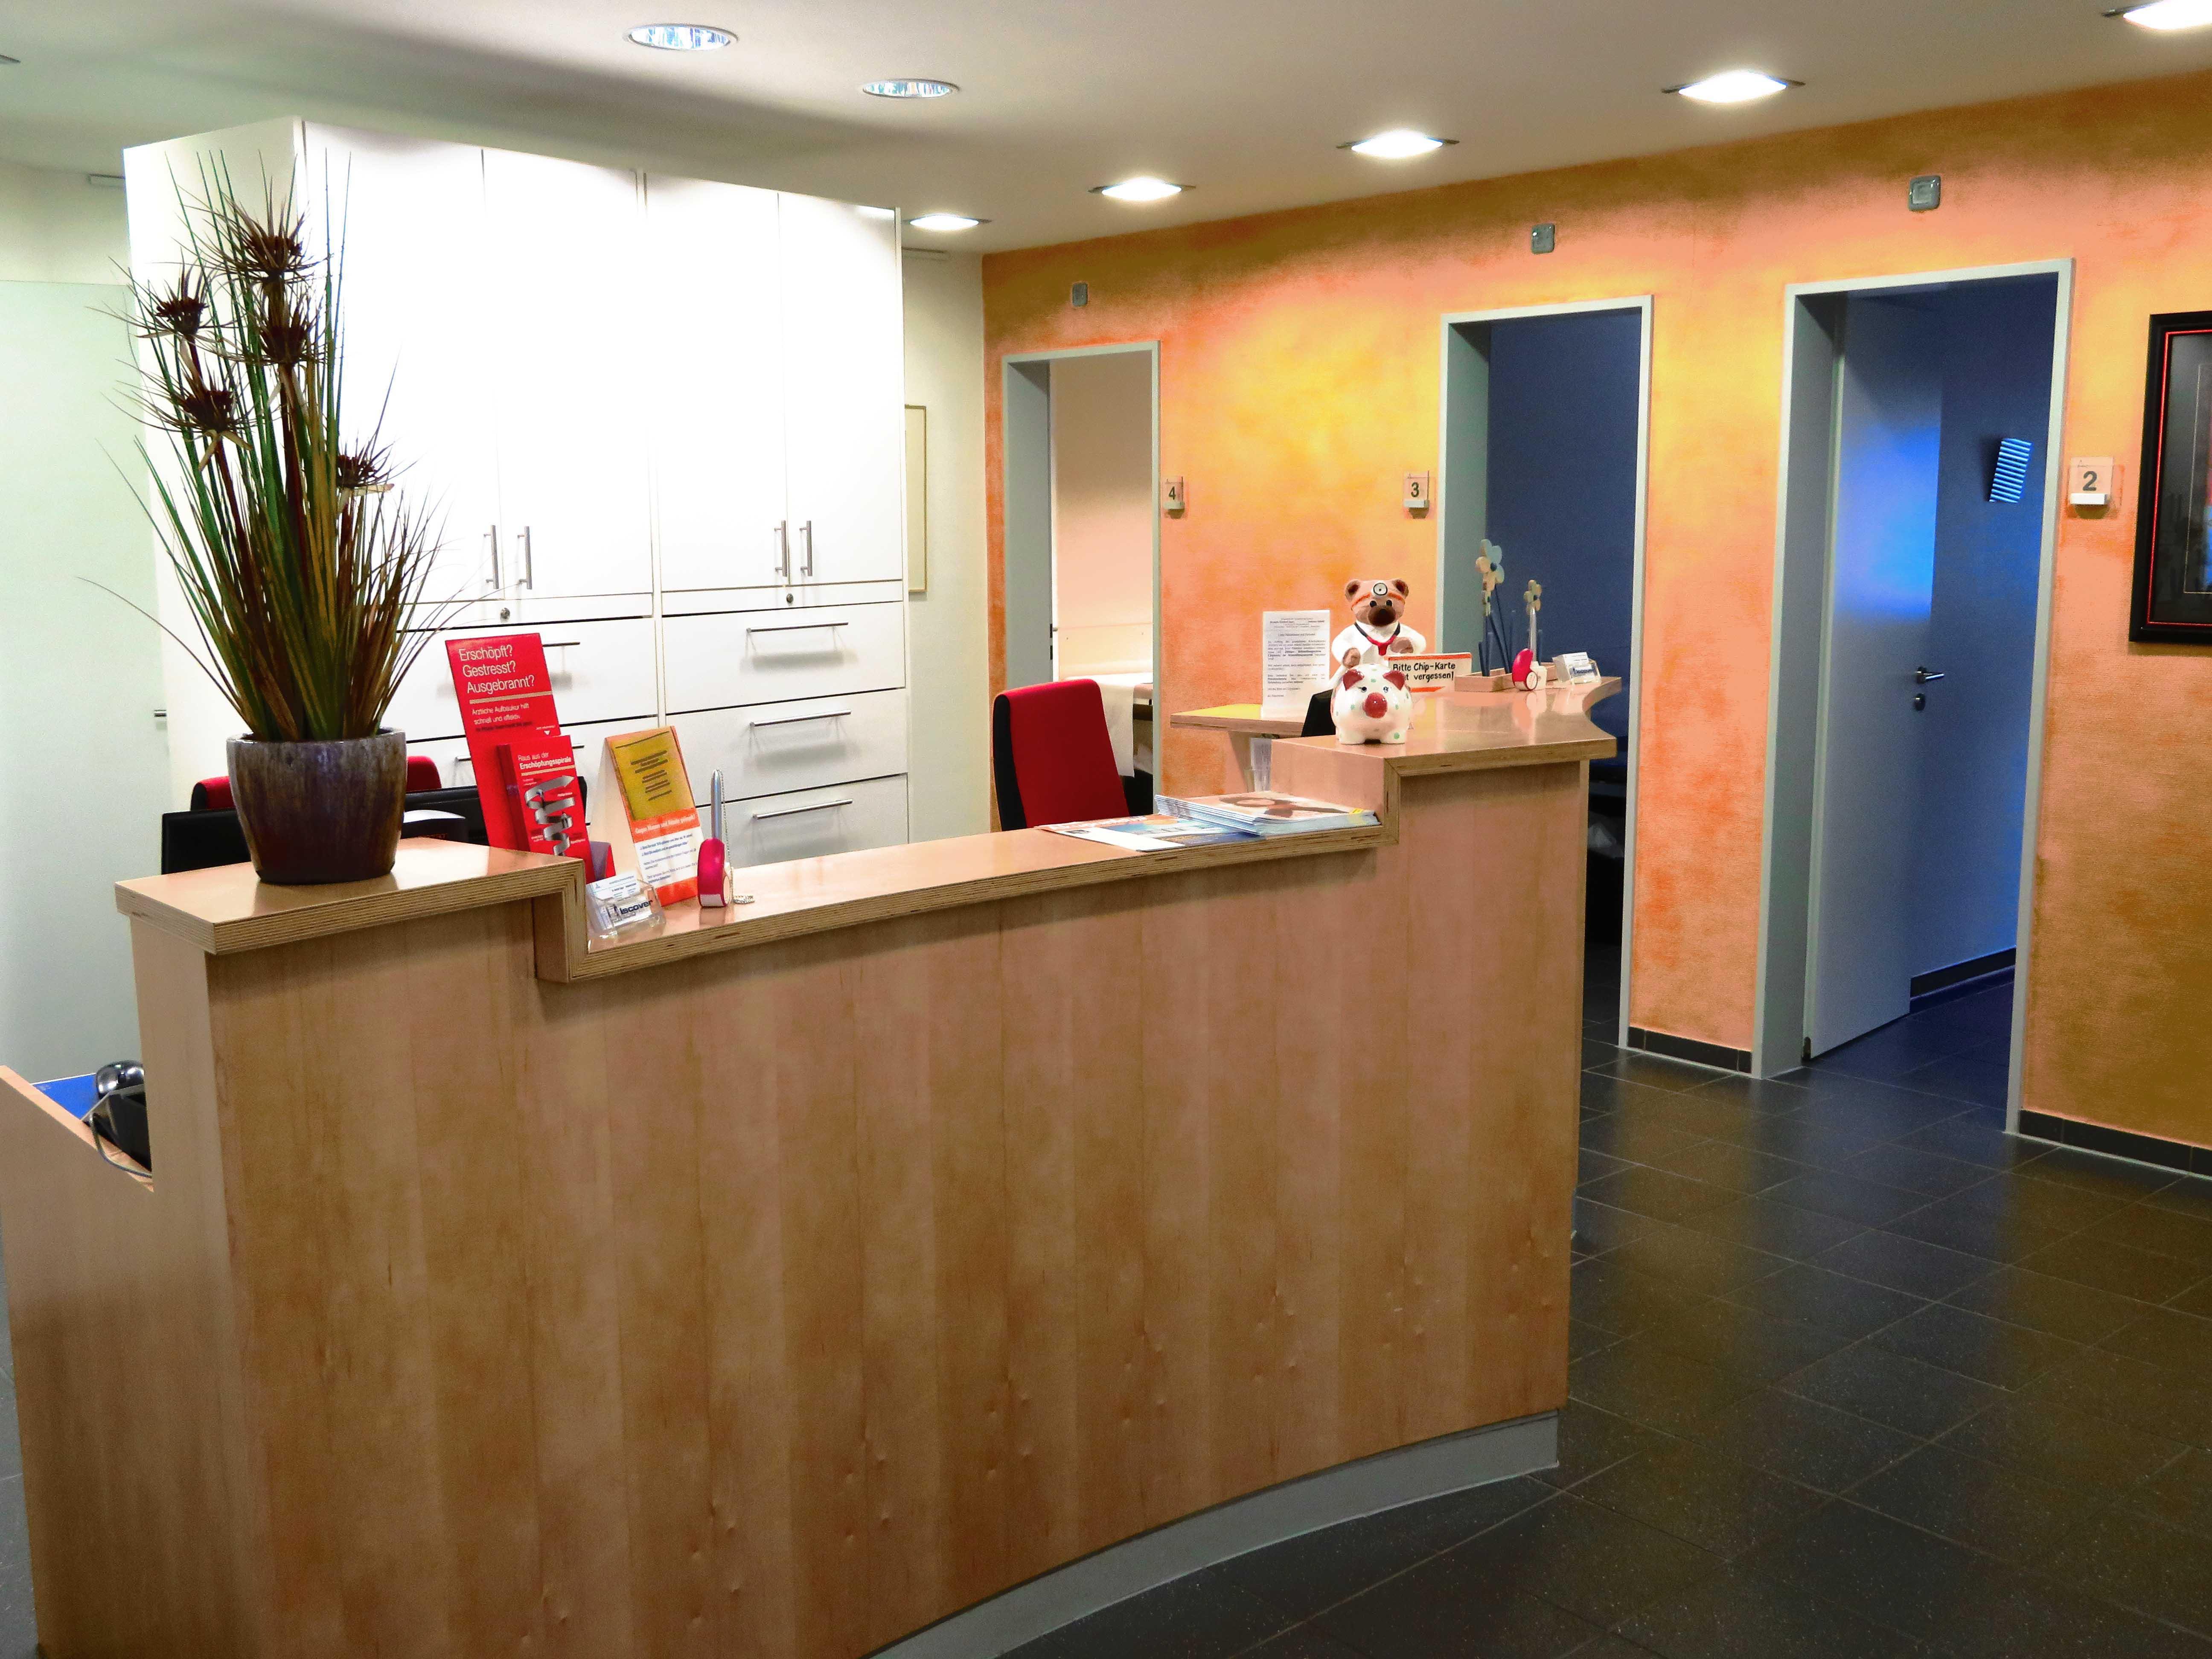 Hausarztpraxis Aachen,Hausarzt Aachen,Hausärzte Aachen,Dr. Jager, Scheid,Akupunktur Aachen,Reisemedizin Aachen,Sportmedizin Aachen,Leistungen Aachen